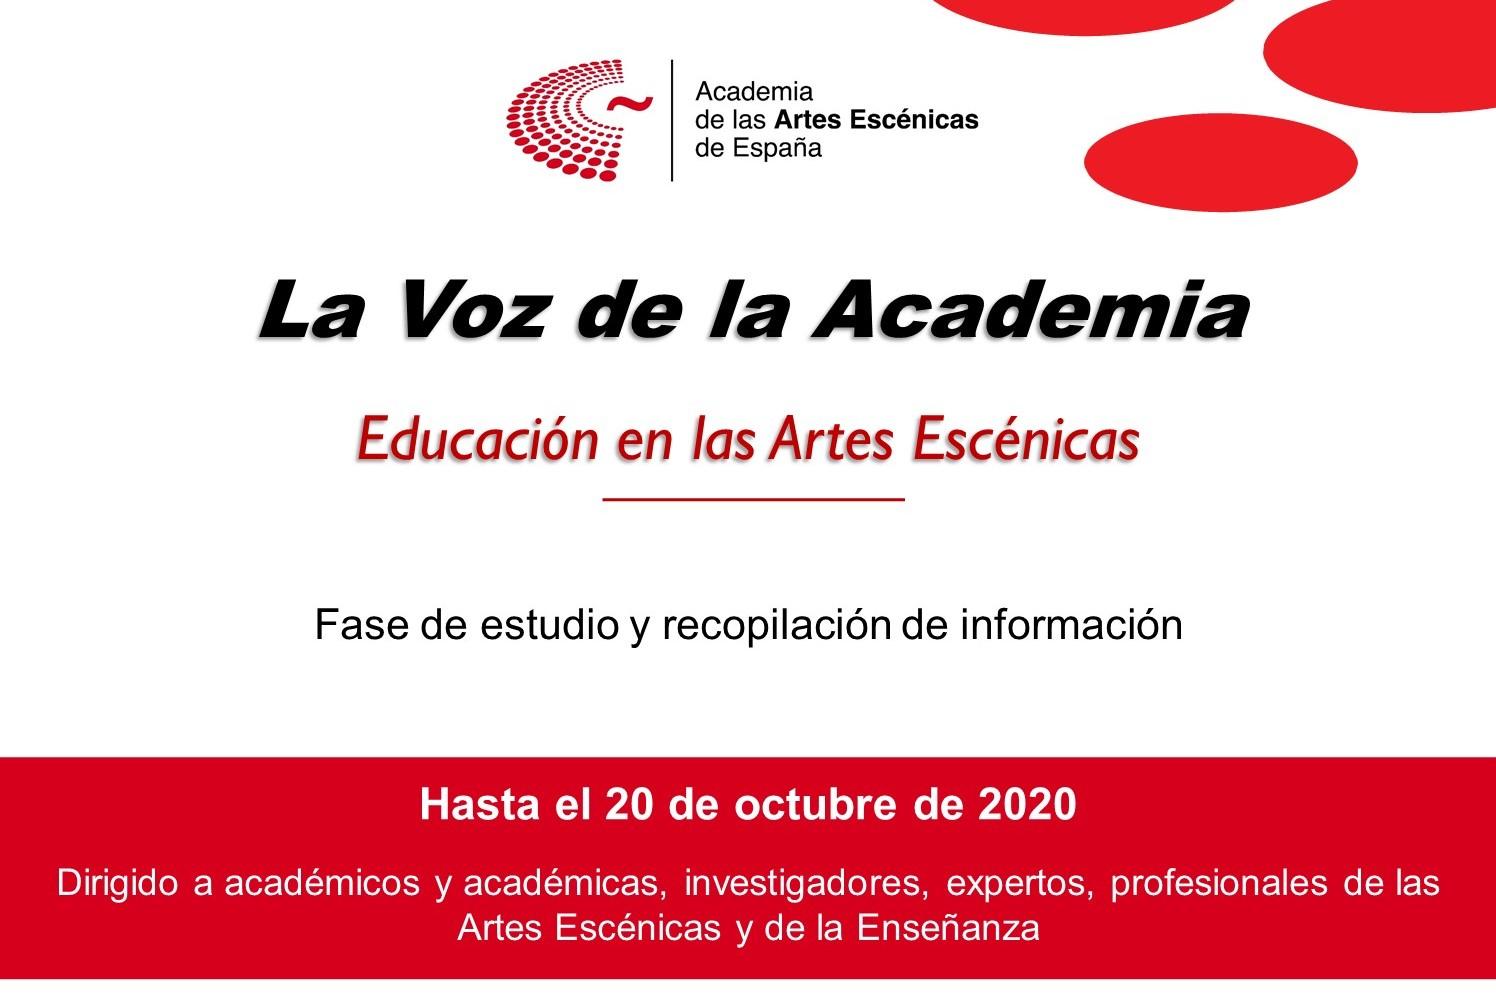 Foto de La Voz de la Academia: Educación en las Artes Escénicas